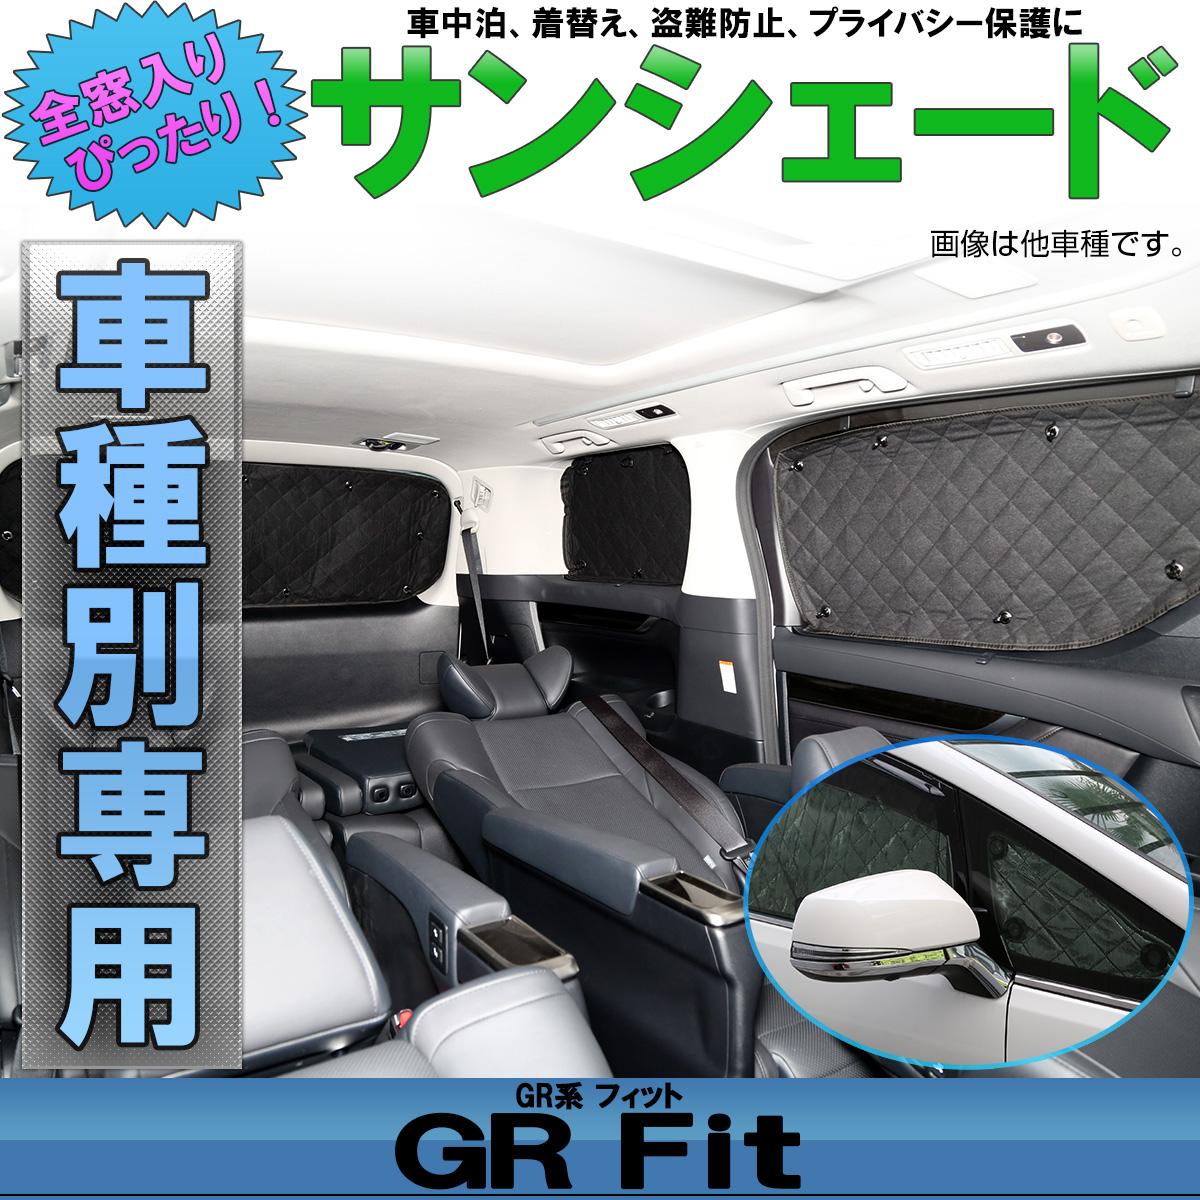 サンシェード GR1-8 フィット fit GR系 専用設計 全窓用 10枚セット 5層構造 ブラックメッシュ 車中泊にも S-835